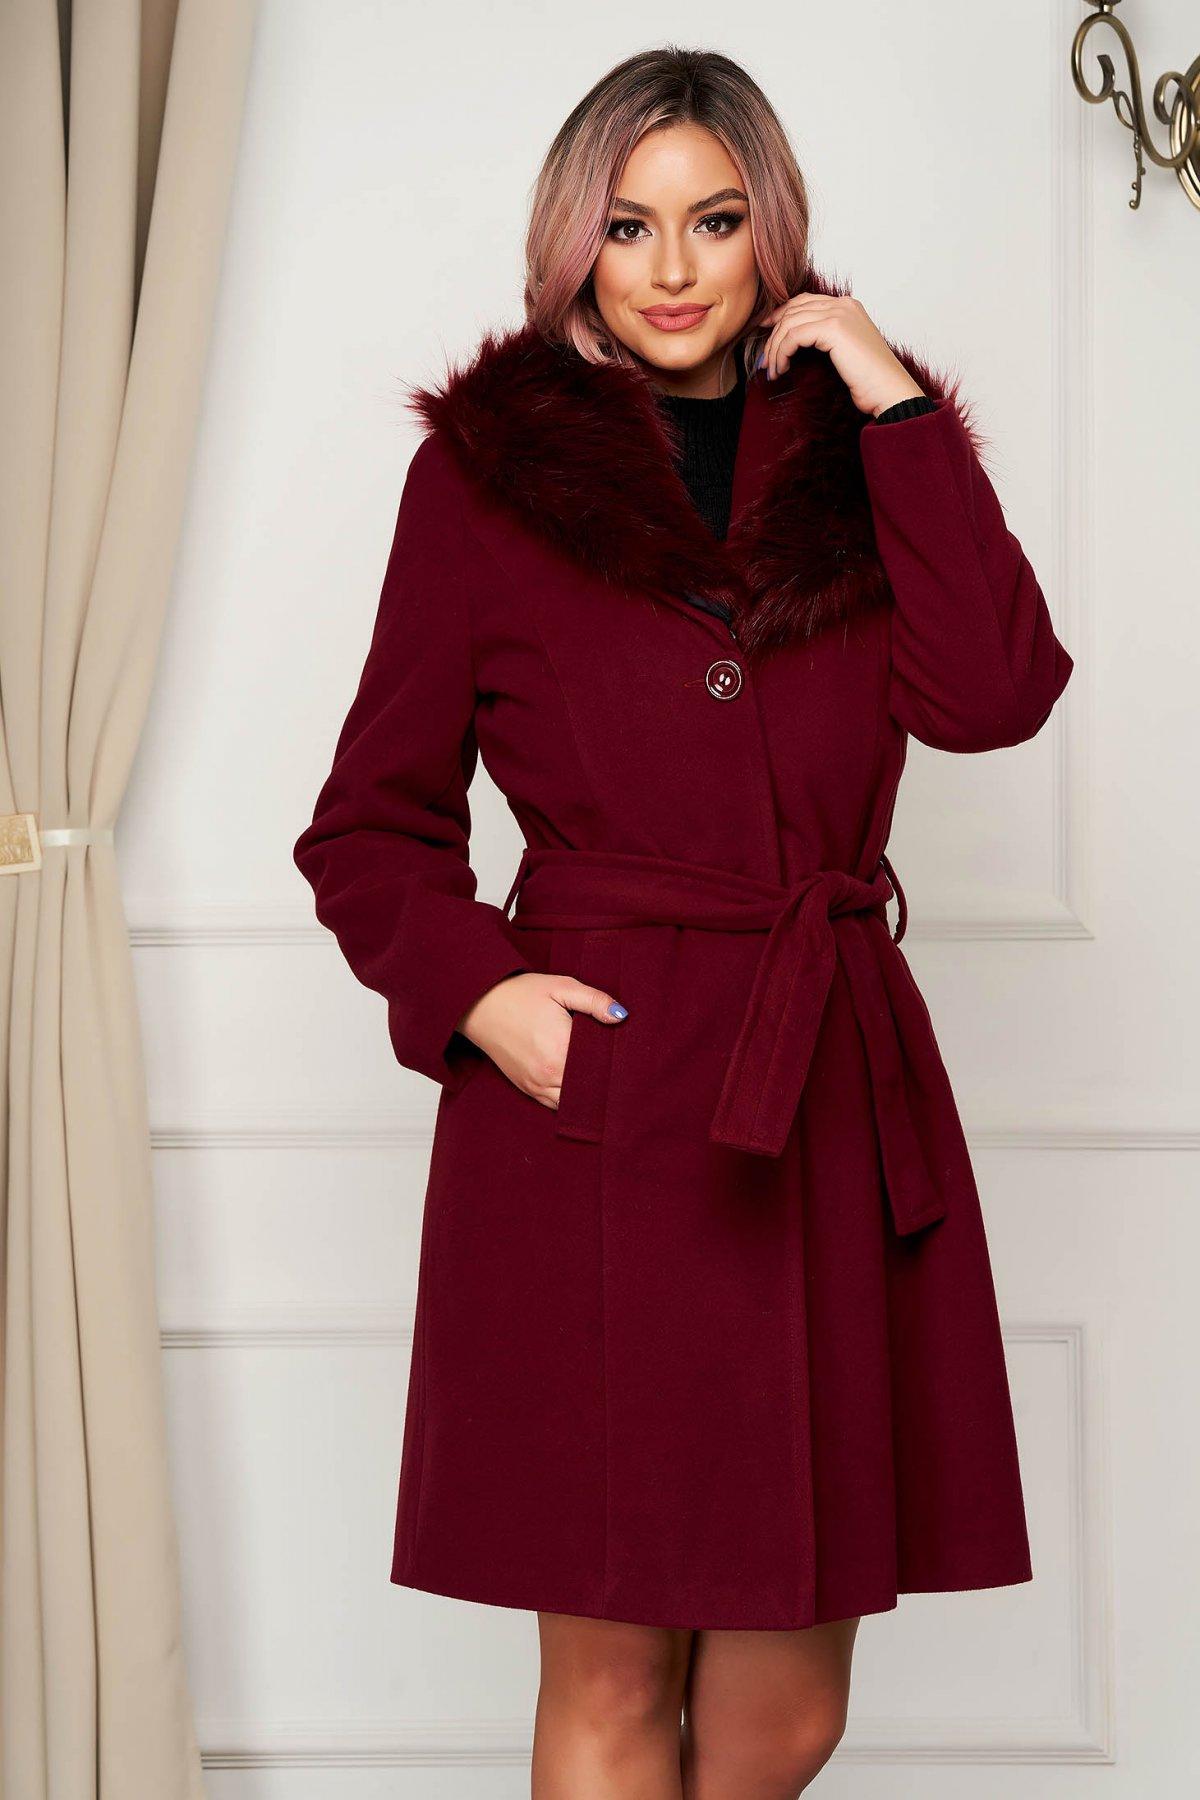 Palton din lana SunShine visiniu elegant cu un croi drept cu guler din blana artificiala accesorizat cu cordon imagine